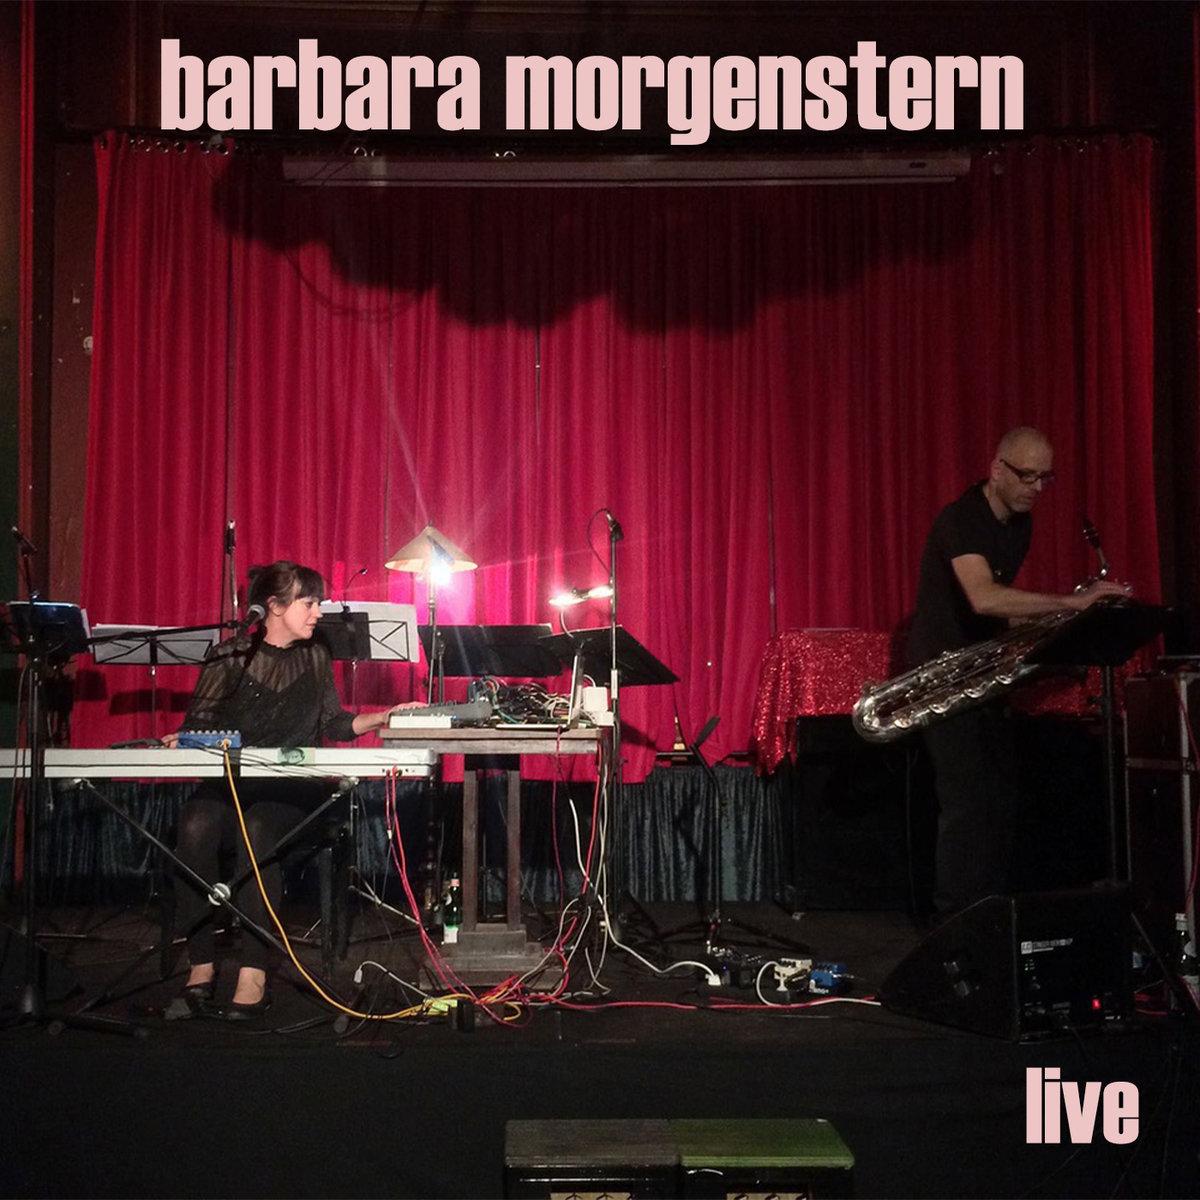 Barbara Morgenstern - Live